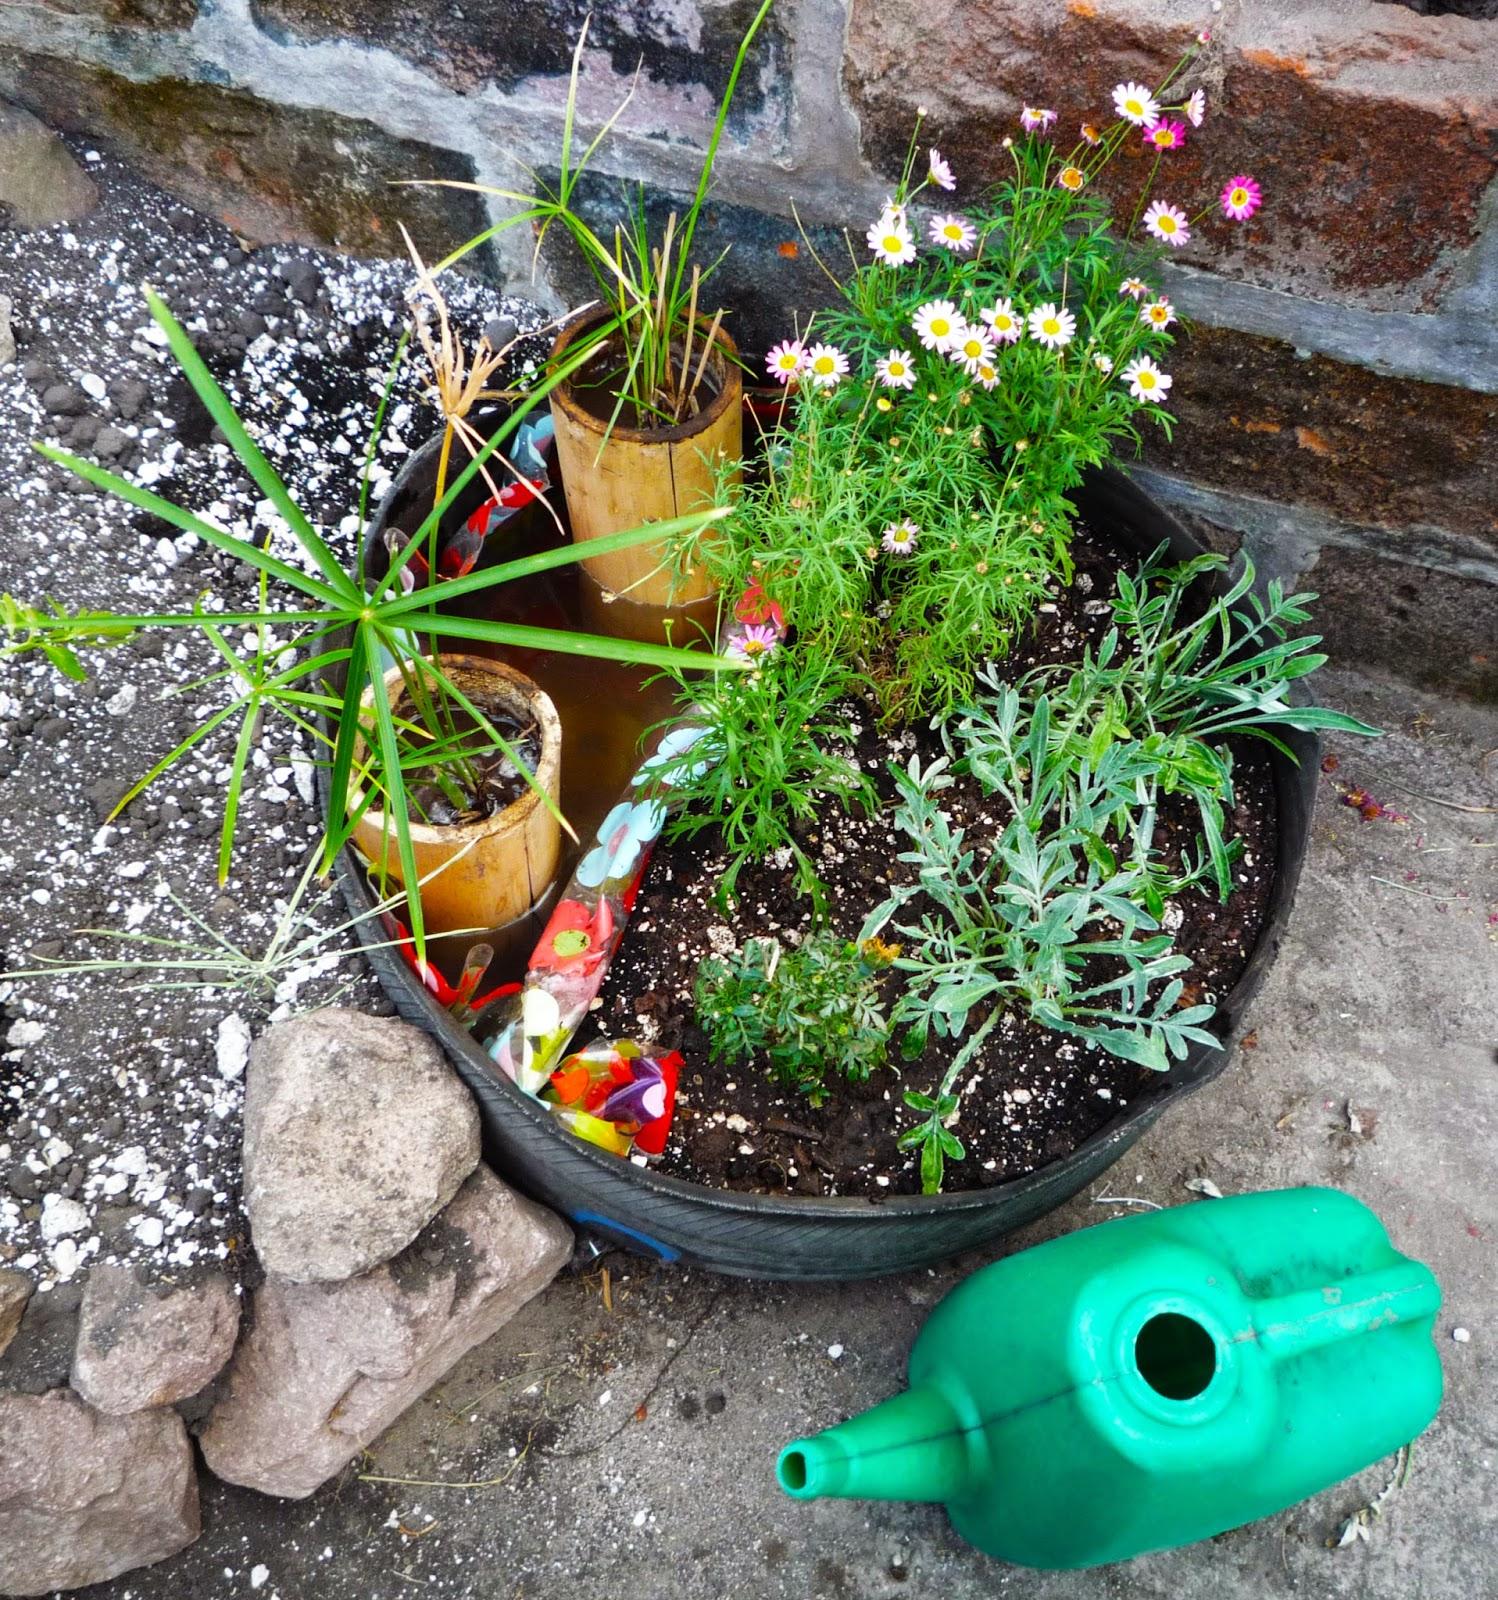 Jard n de piedra reciclaje botellas papel y bamb for Reciclaje para jardin